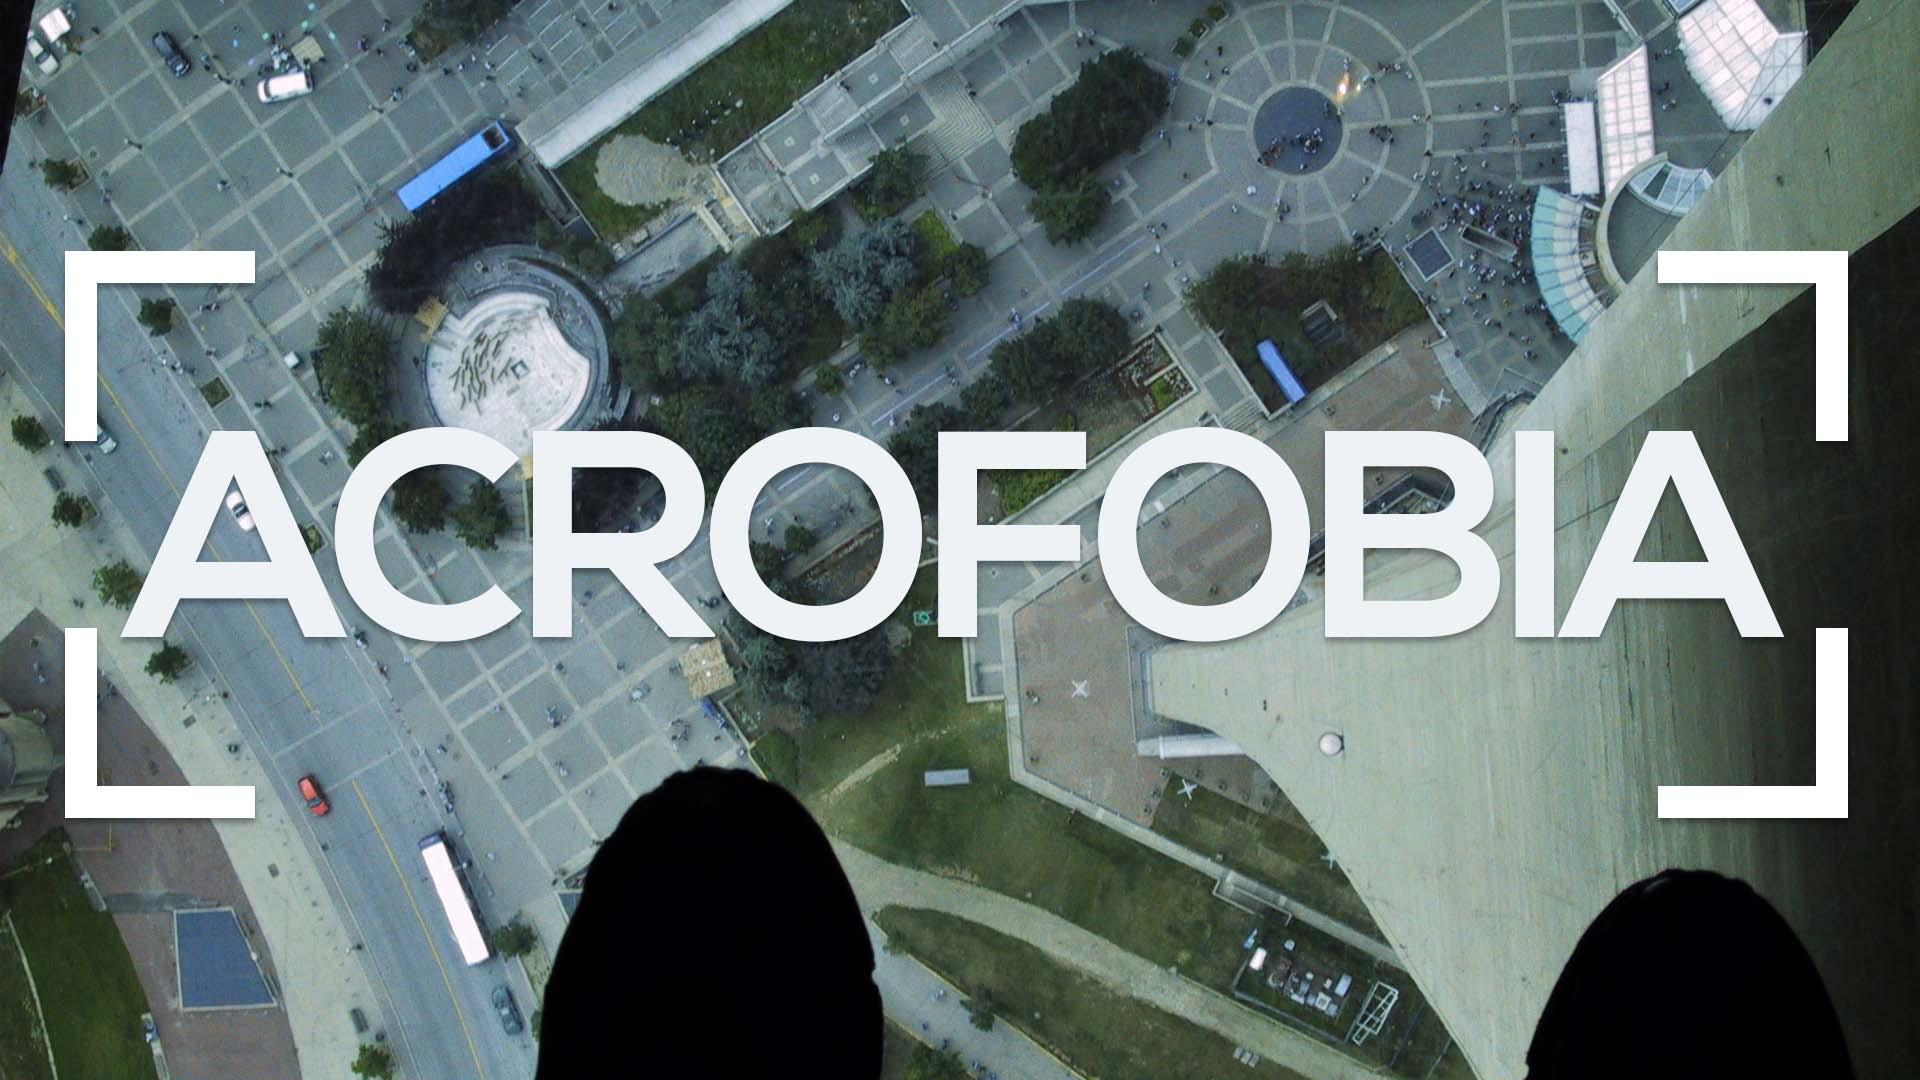 Se muestra unos pies sobre una plataforma de cristal a gran altura y la palabra acrofobia